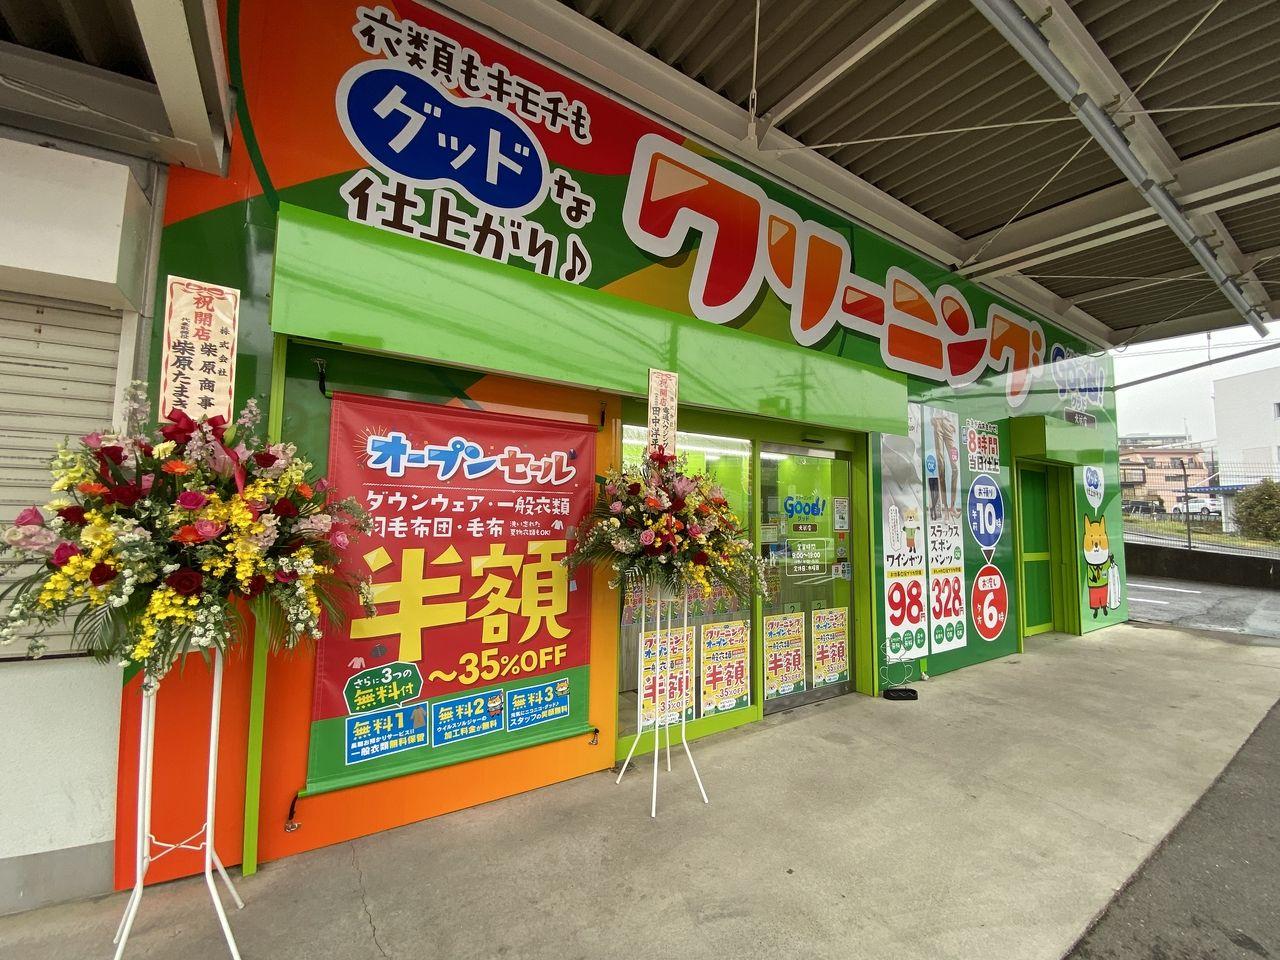 車で行ける!「クリーニング グッド 犬蔵店」新規オープン!